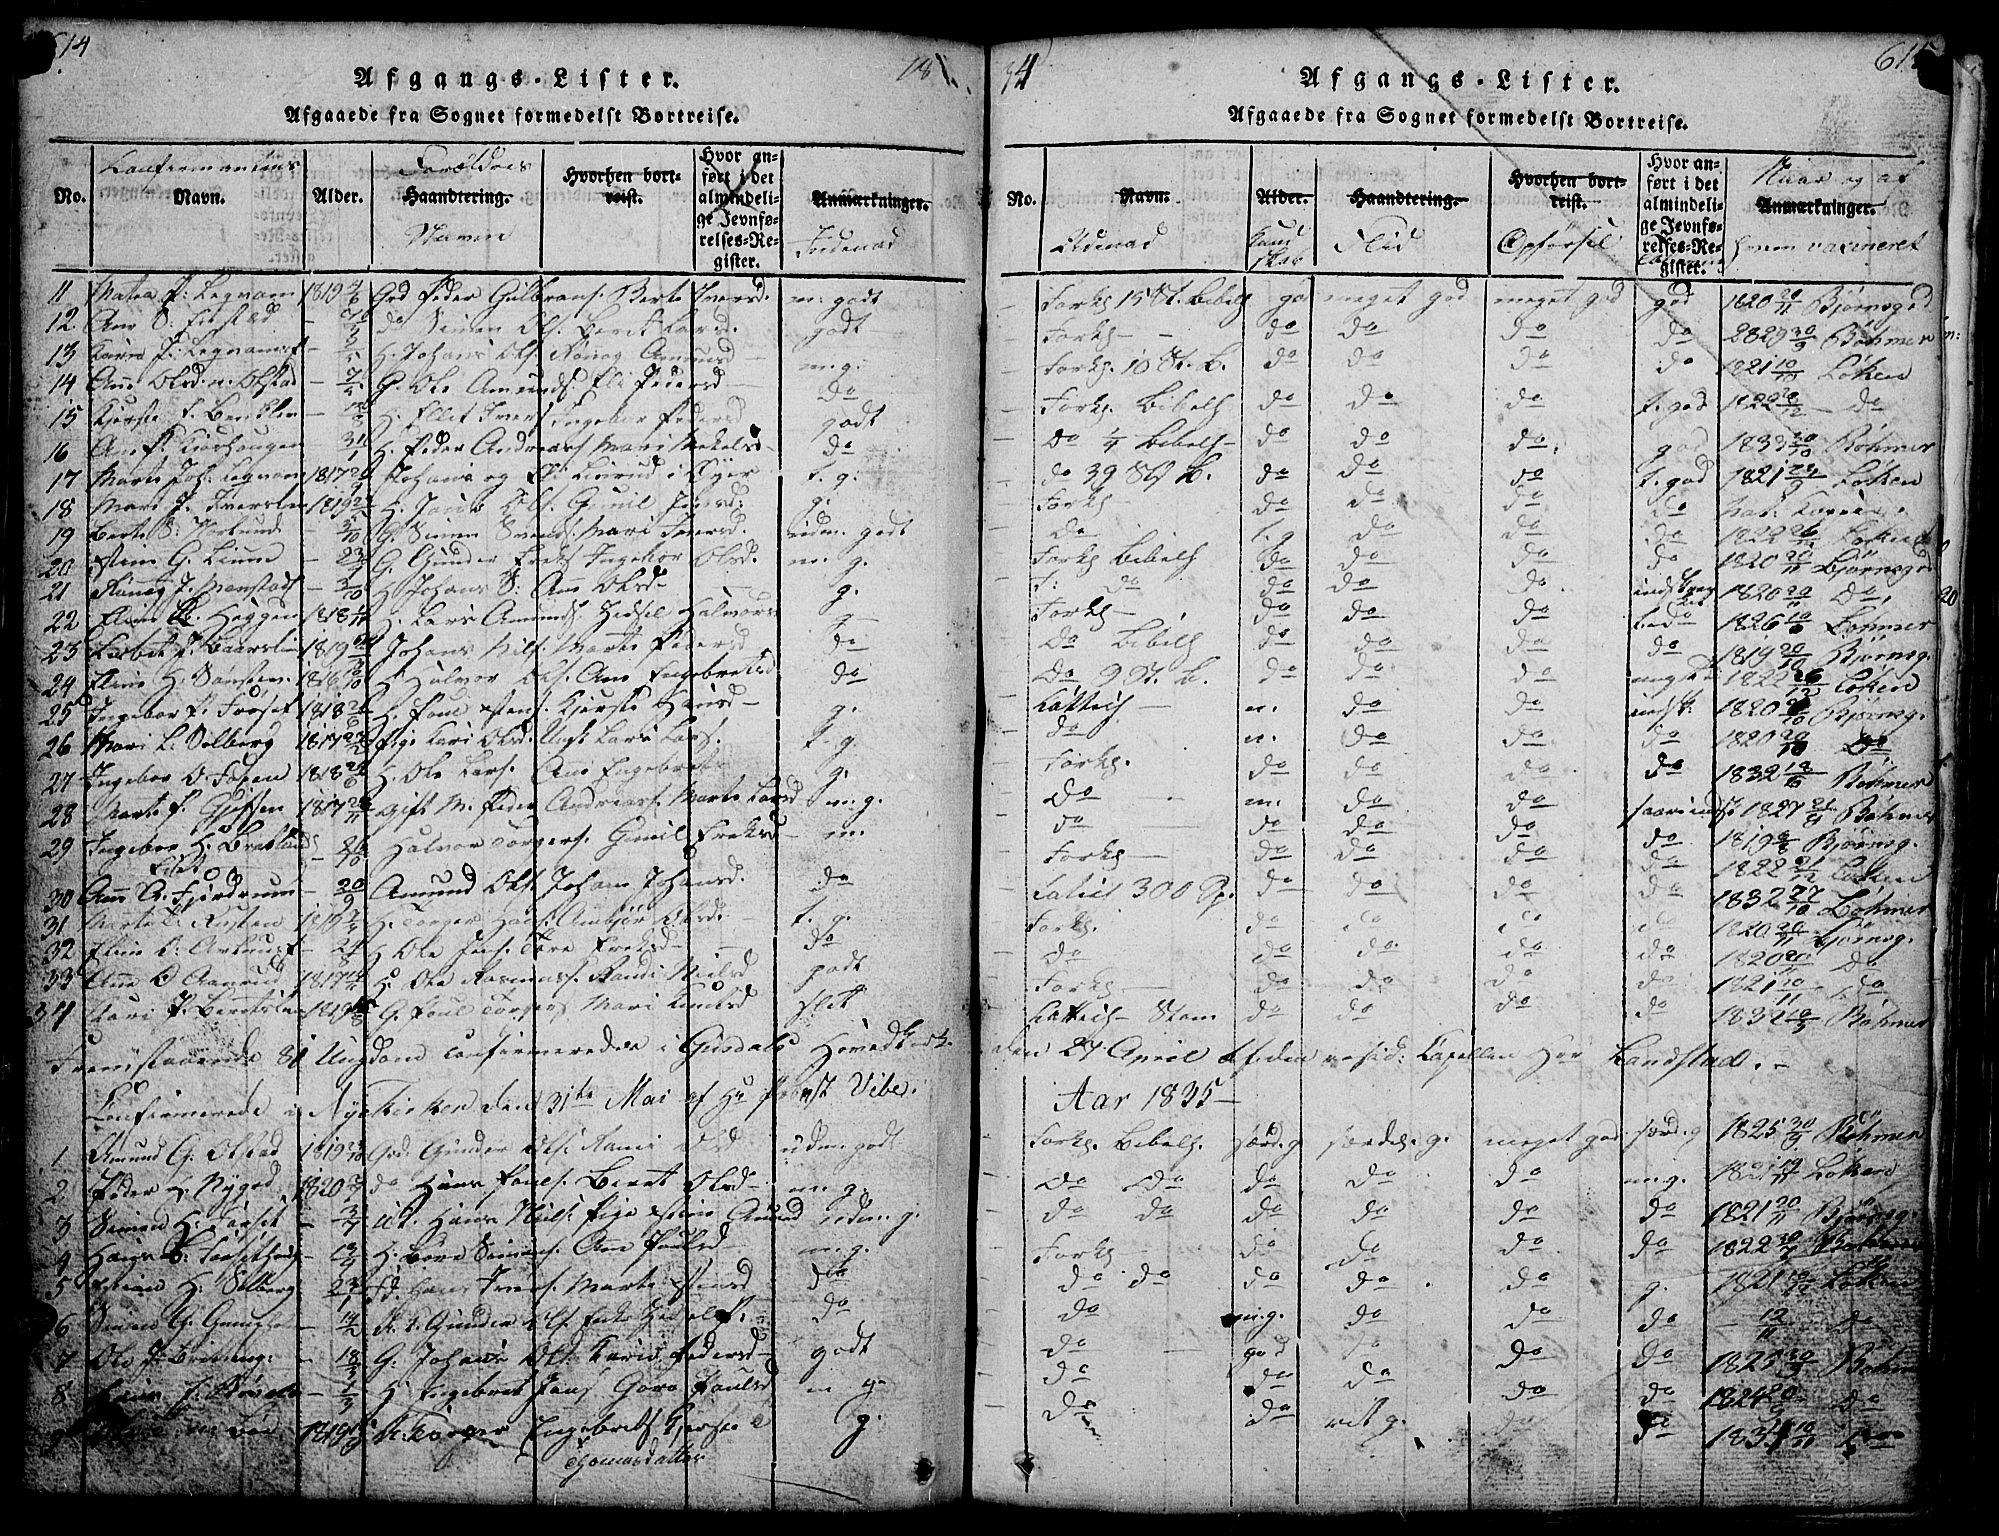 SAH, Gausdal prestekontor, Klokkerbok nr. 1, 1817-1848, s. 614-615